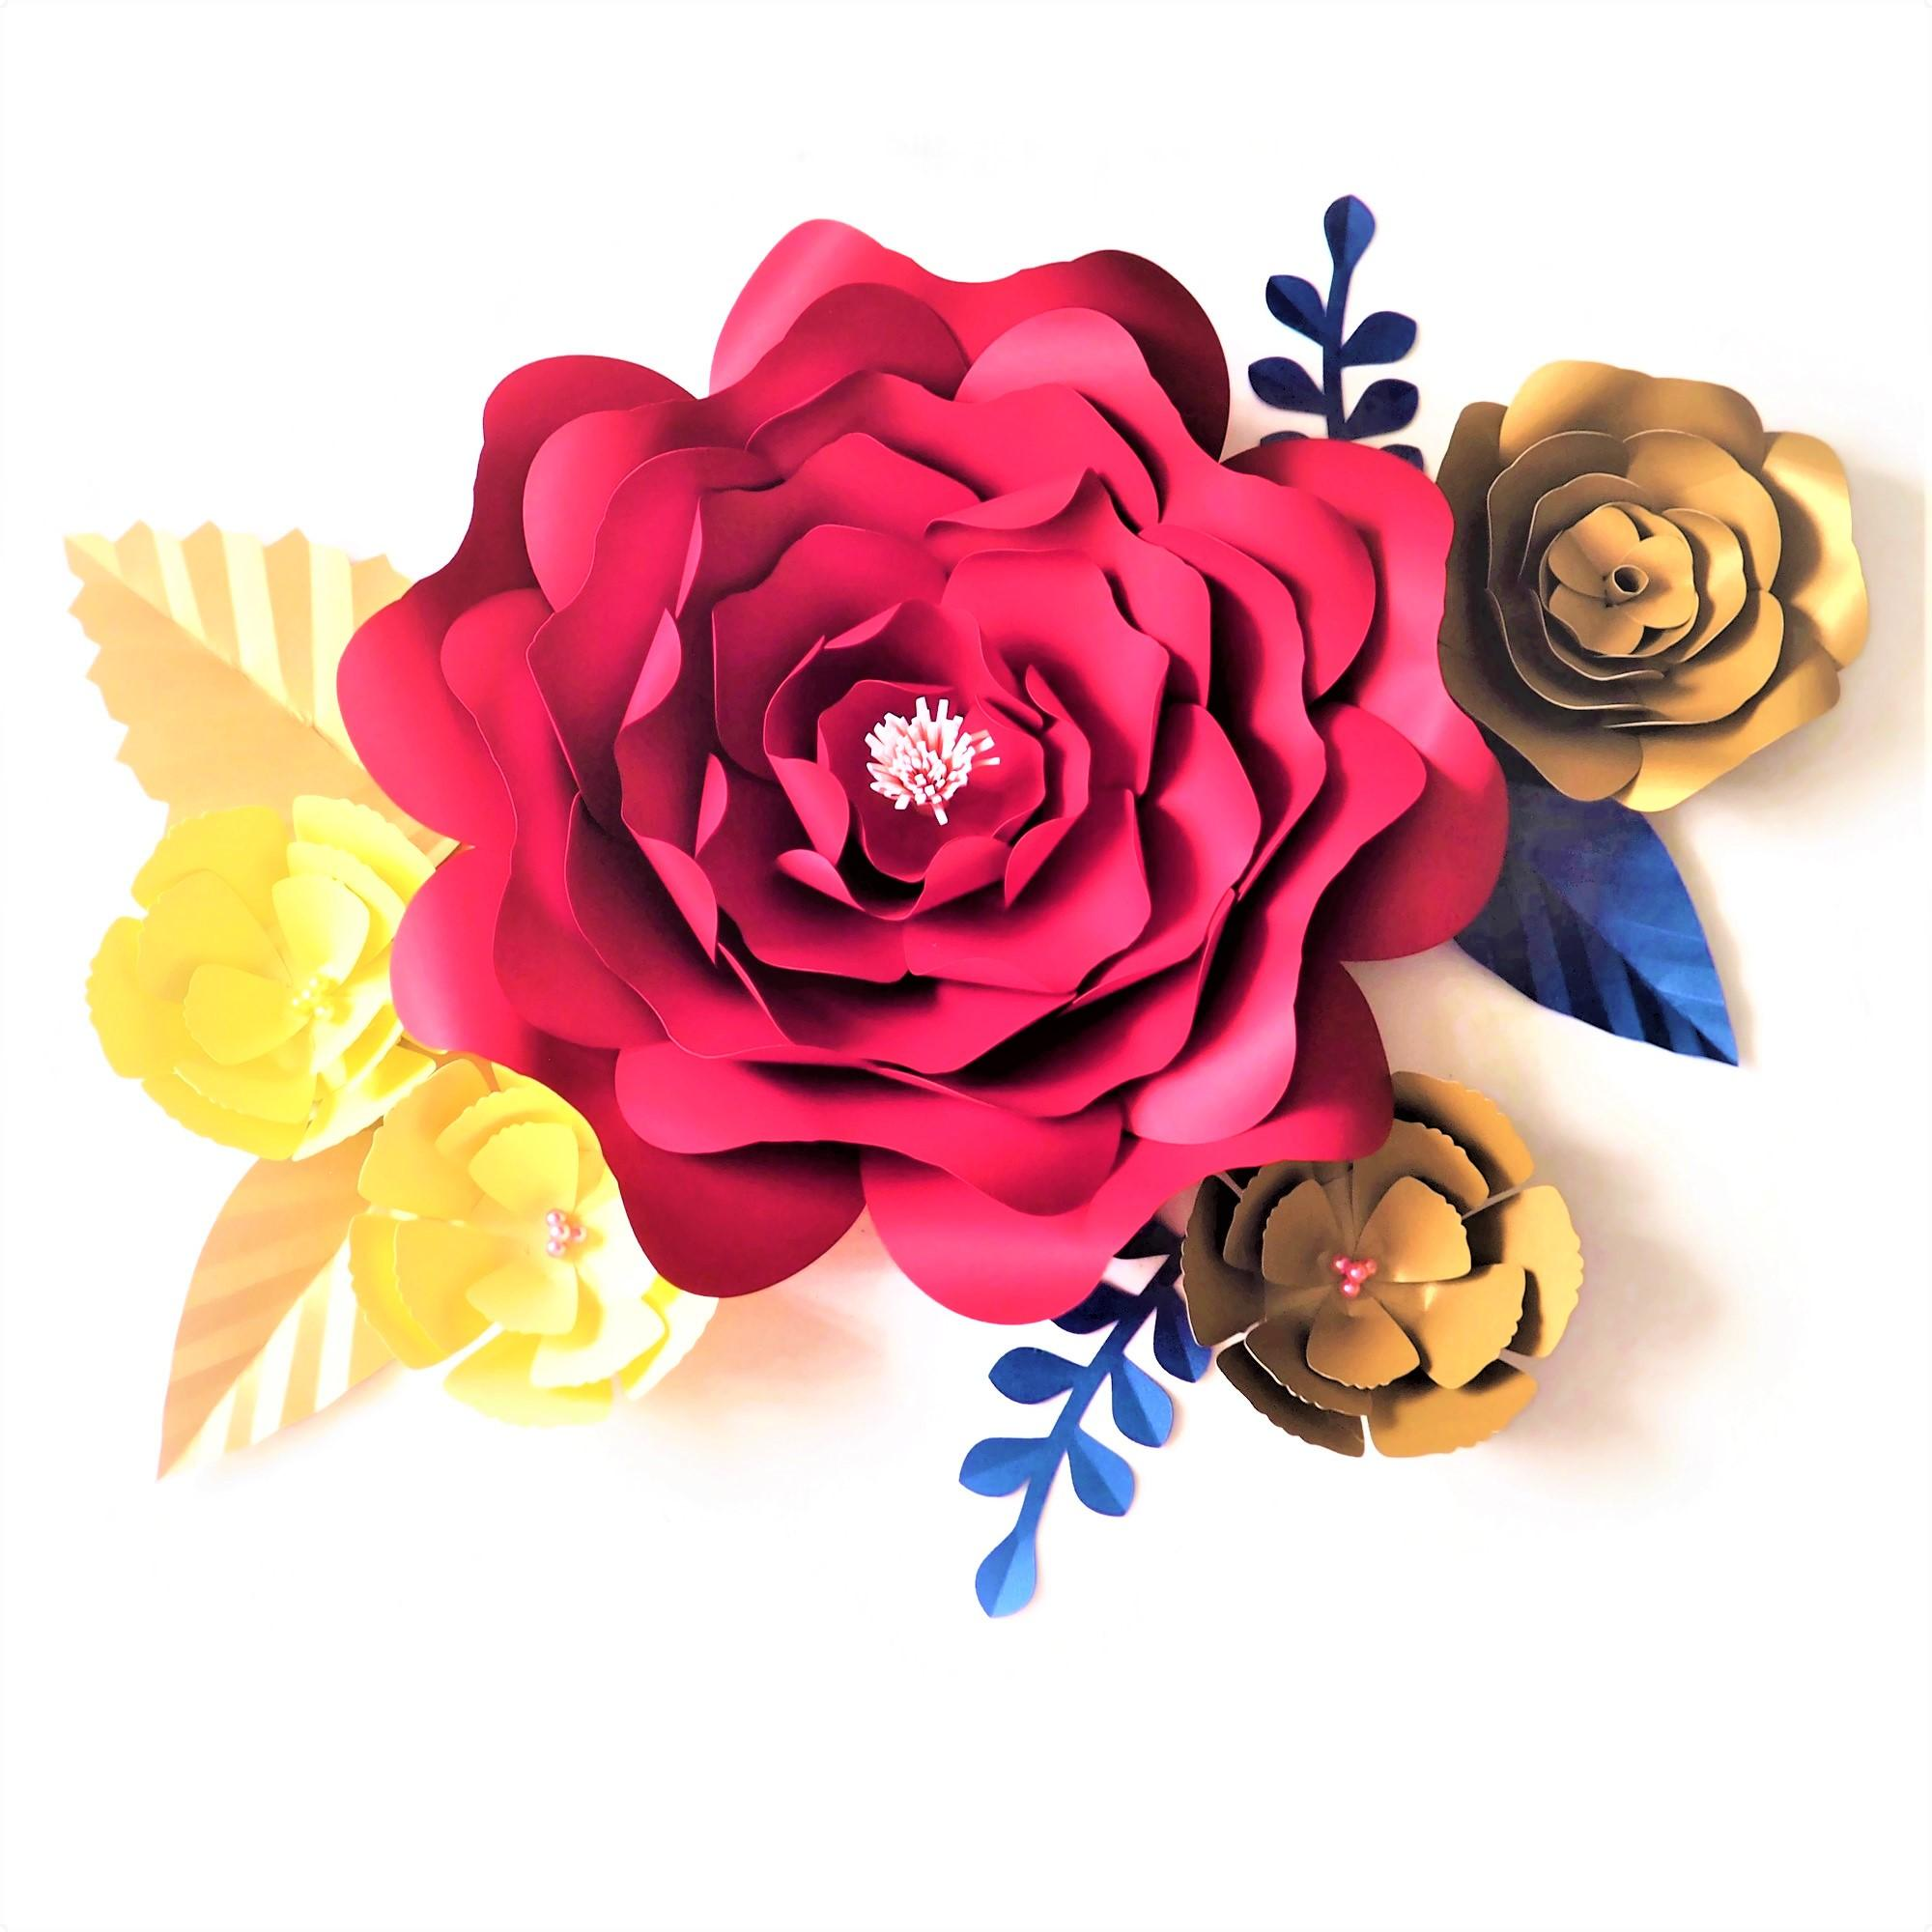 DIY Yapay Çiçekler Fleurs Artificielles Backdrop Dev Kağıt Çiçekler 5adet Kağıt bırak 5adet Düğün Dekor Bebek